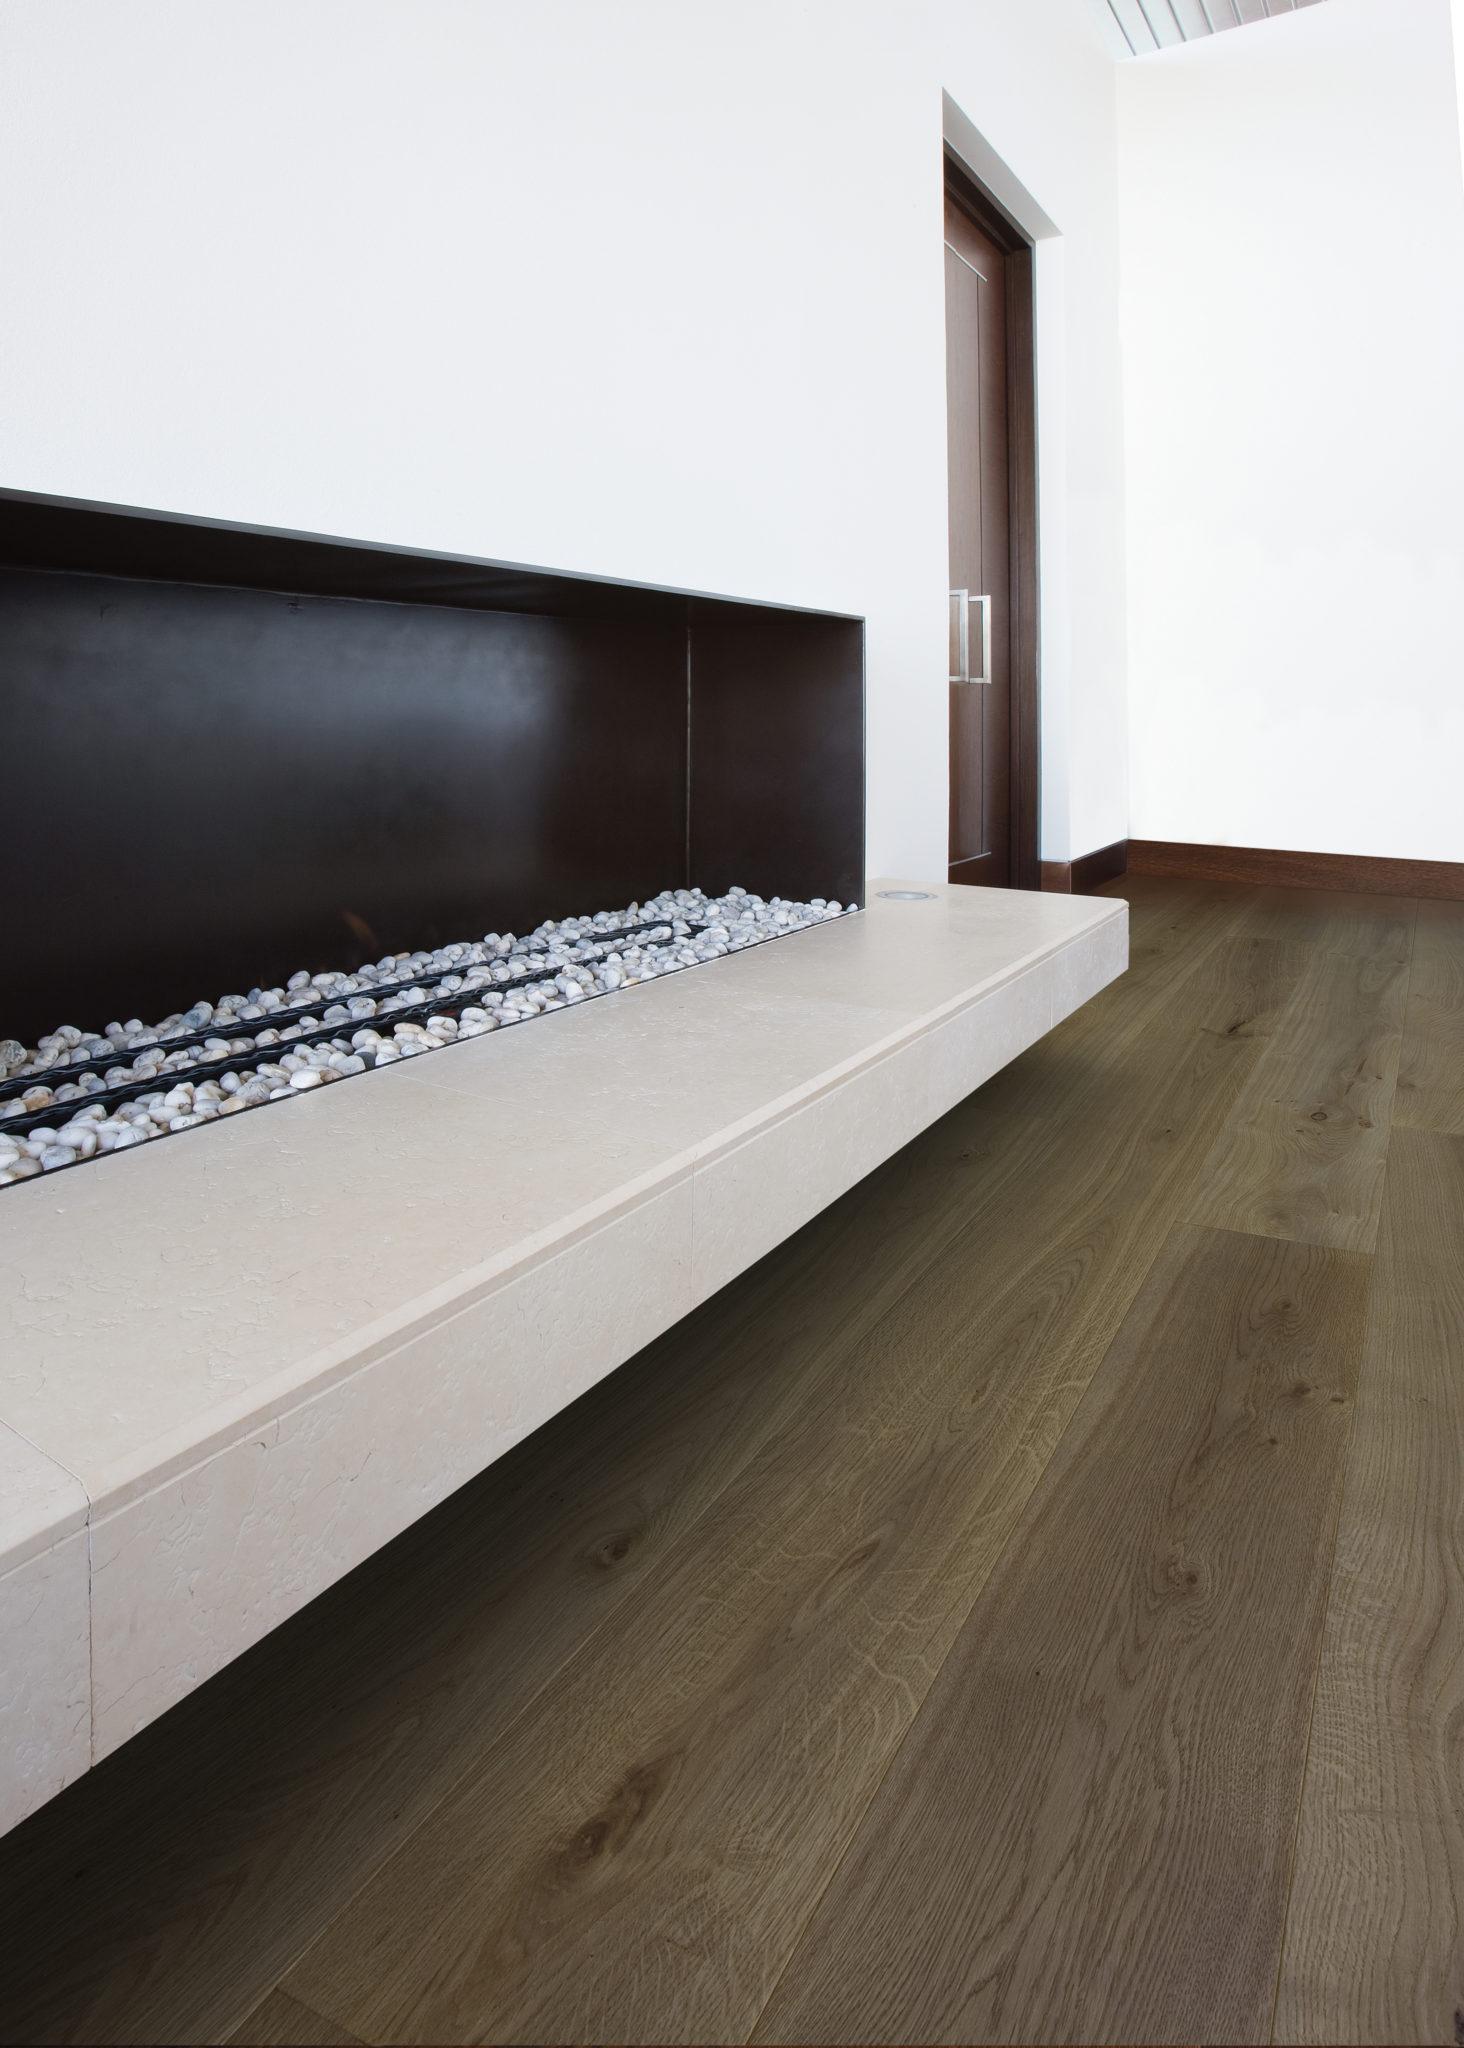 CLASSICO-Rovere-Europeo-Select-Spazzolato-Verniciato-Grigio-Tannino_HD.jpg